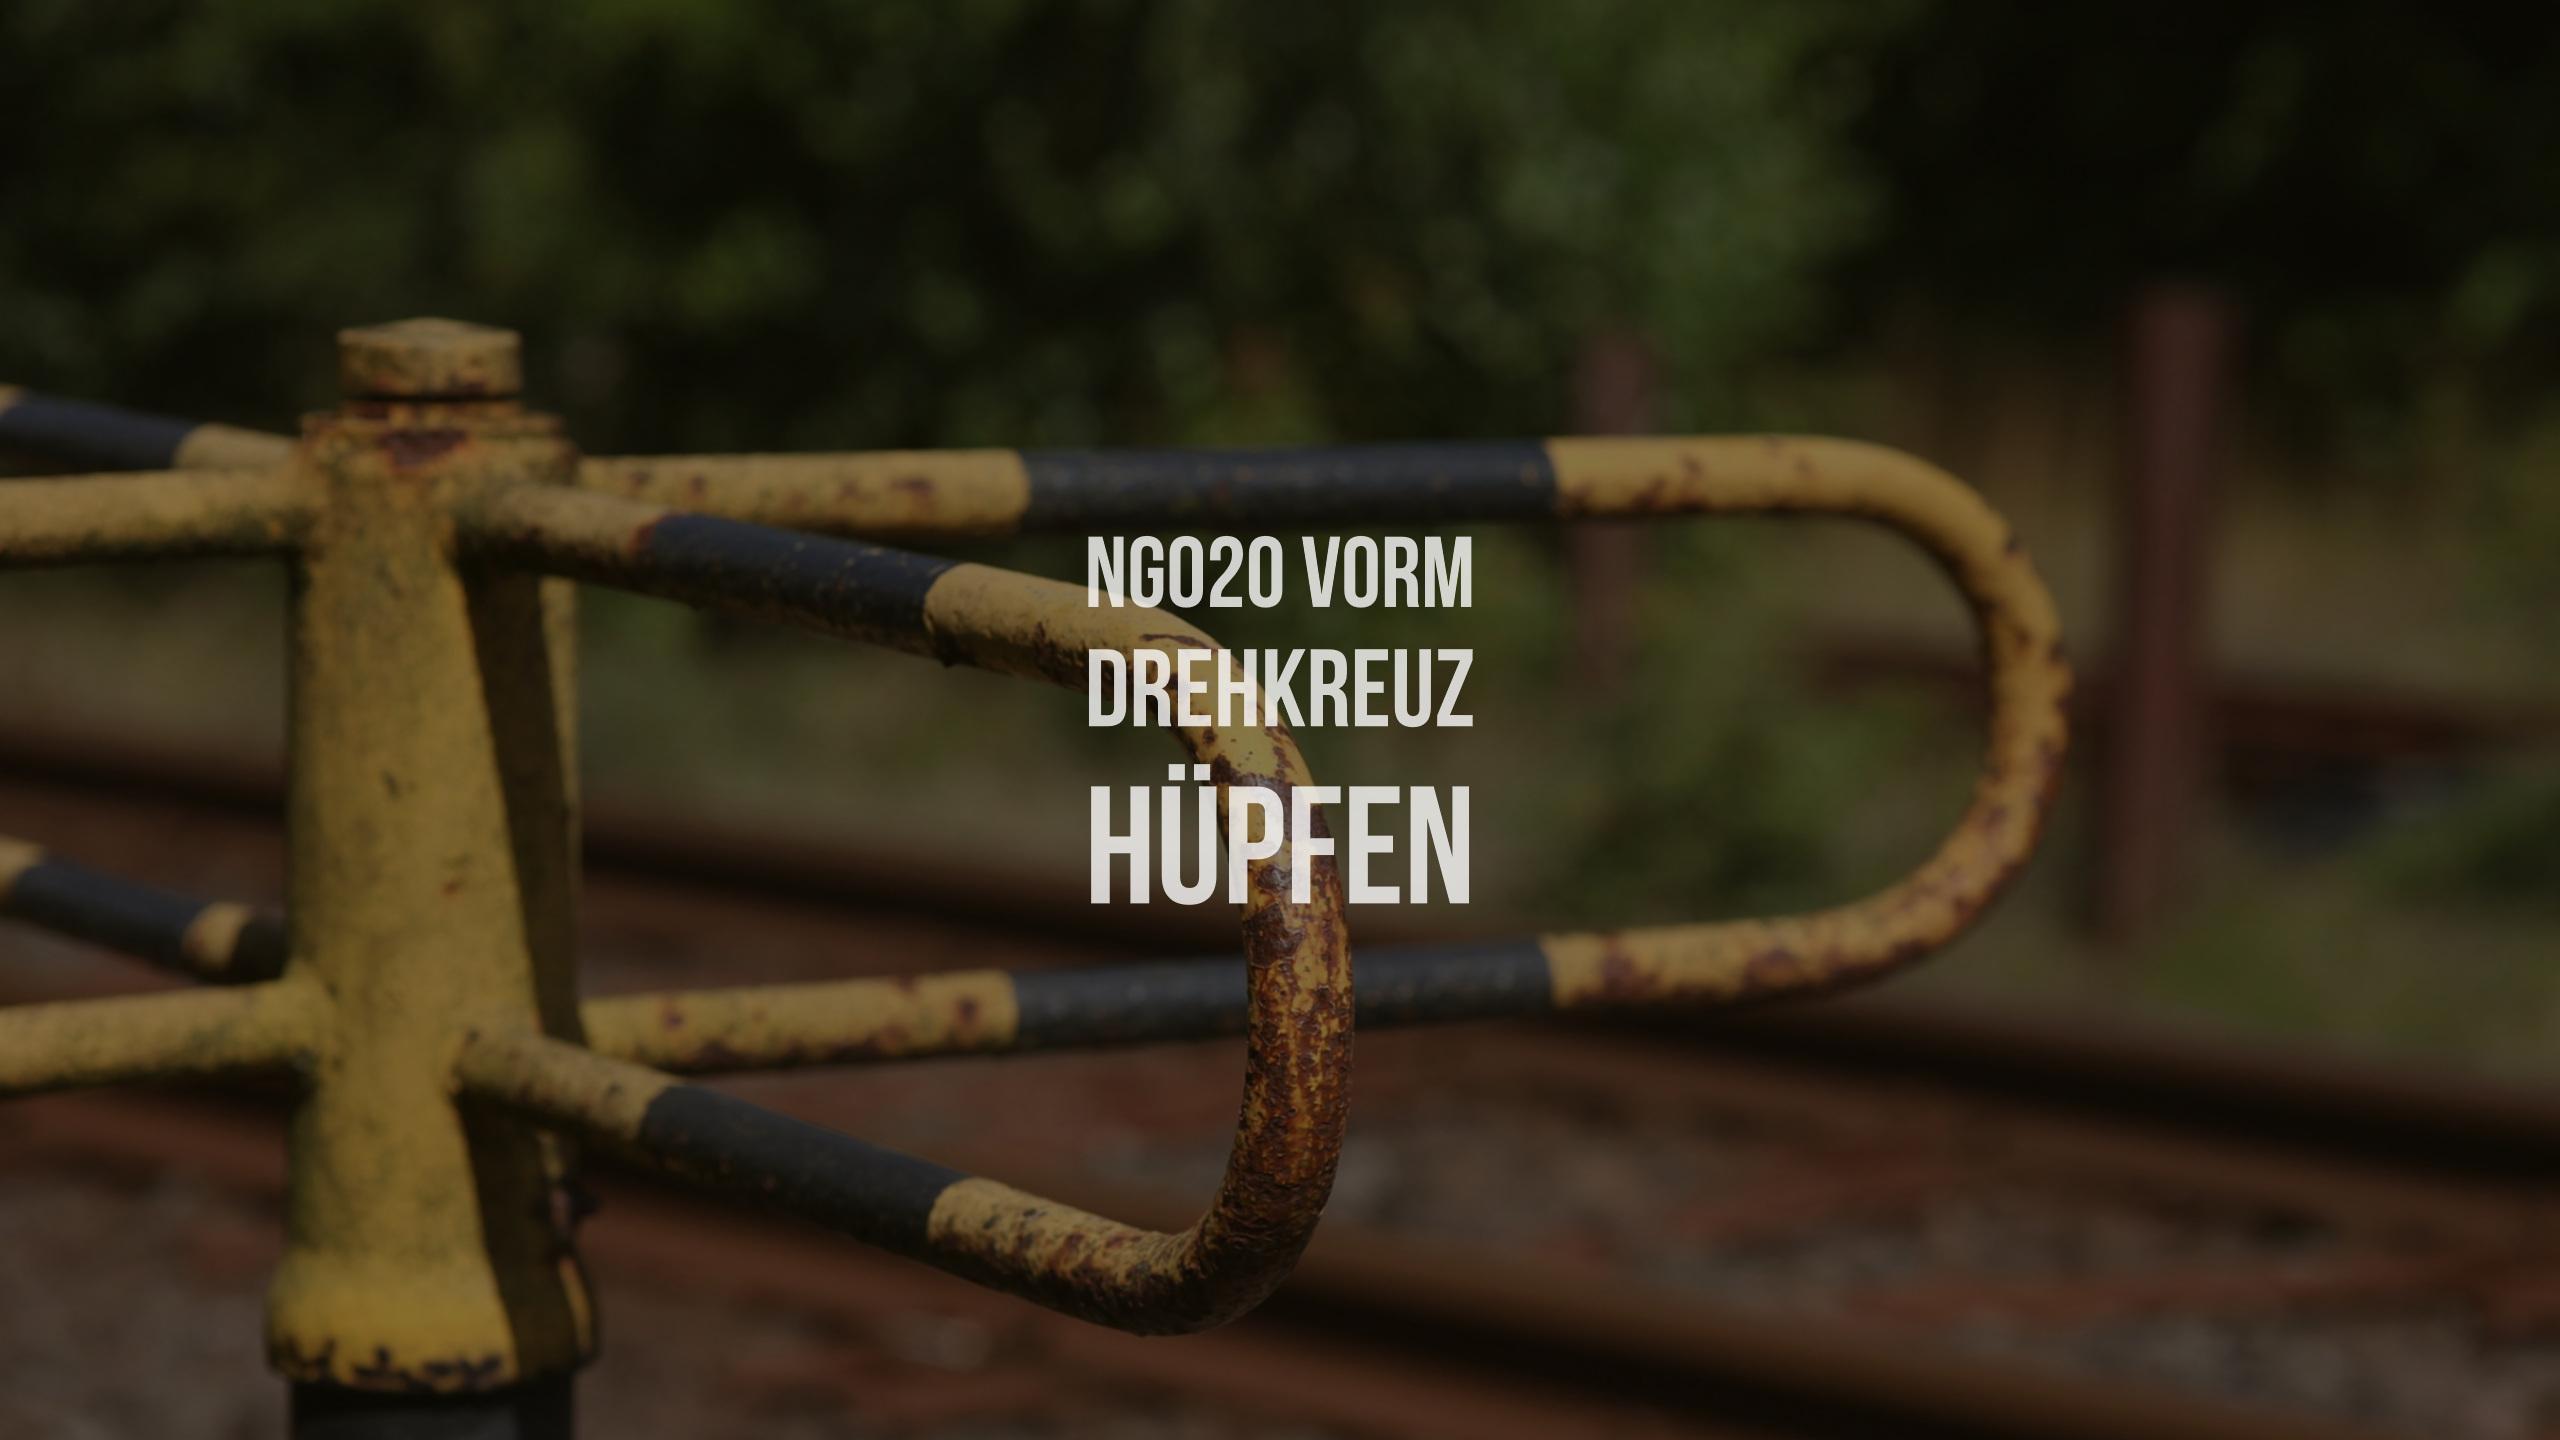 NG020 Vorm Drehkreuz hüpfen